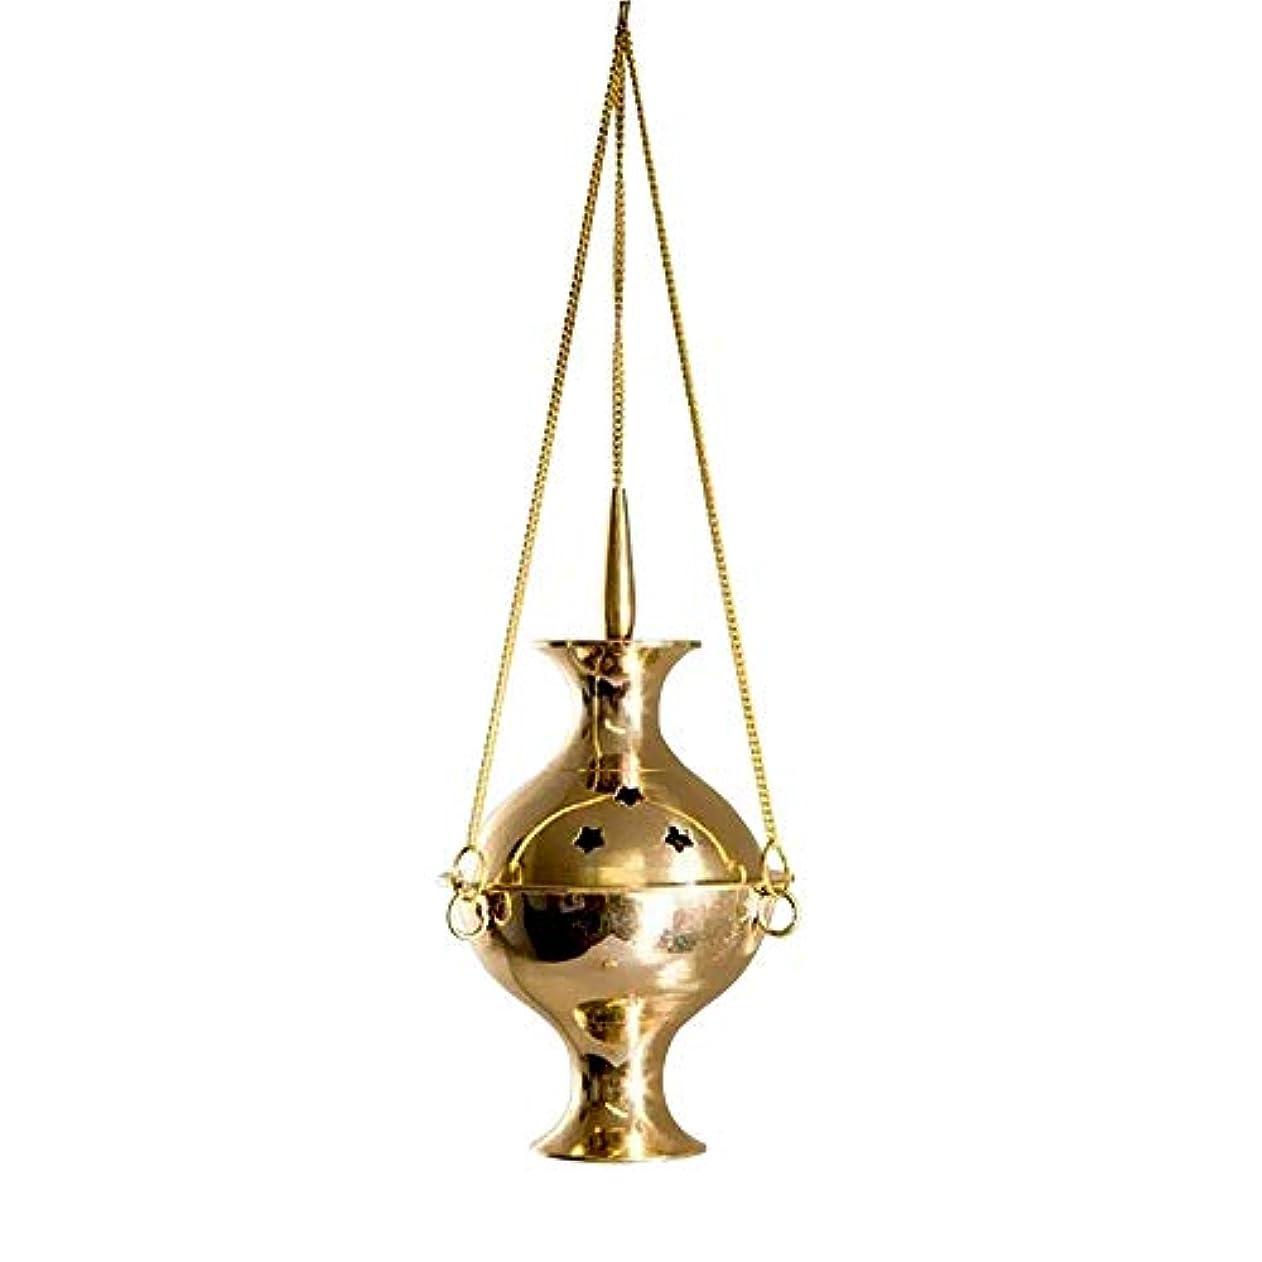 購入困惑するまっすぐにするカトリック香炉 吊り下げ式香炉 チャコール 6インチ 真鍮 吊り下げ 香炉 炭 香炉 バーナー 真鍮製 輝く仕上げで適切な燃焼に役立ちます。